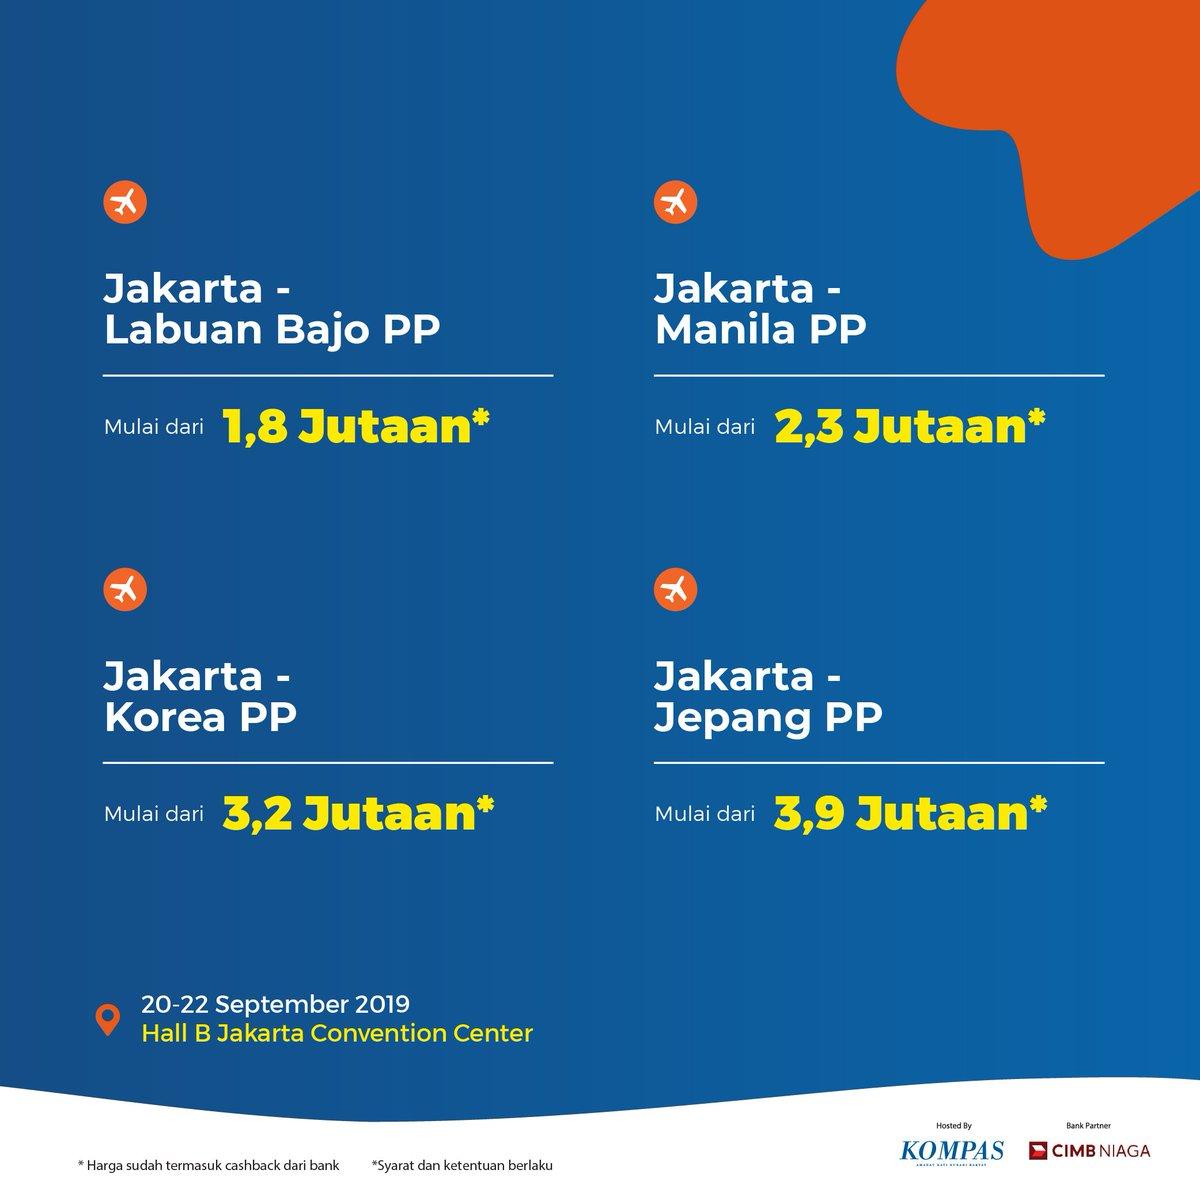 Kompas Travel Fair Na Twitteru Promo Tiket Pesawat Jakarta Bangkok Pp Mulai Dari Rp 1 5 Jutaan Jakarta Labuan Bajo Pp Mulai Dari Rp 1 8 Jutaan Jakarta Manila Pp Mulai Dari Rp 2 3